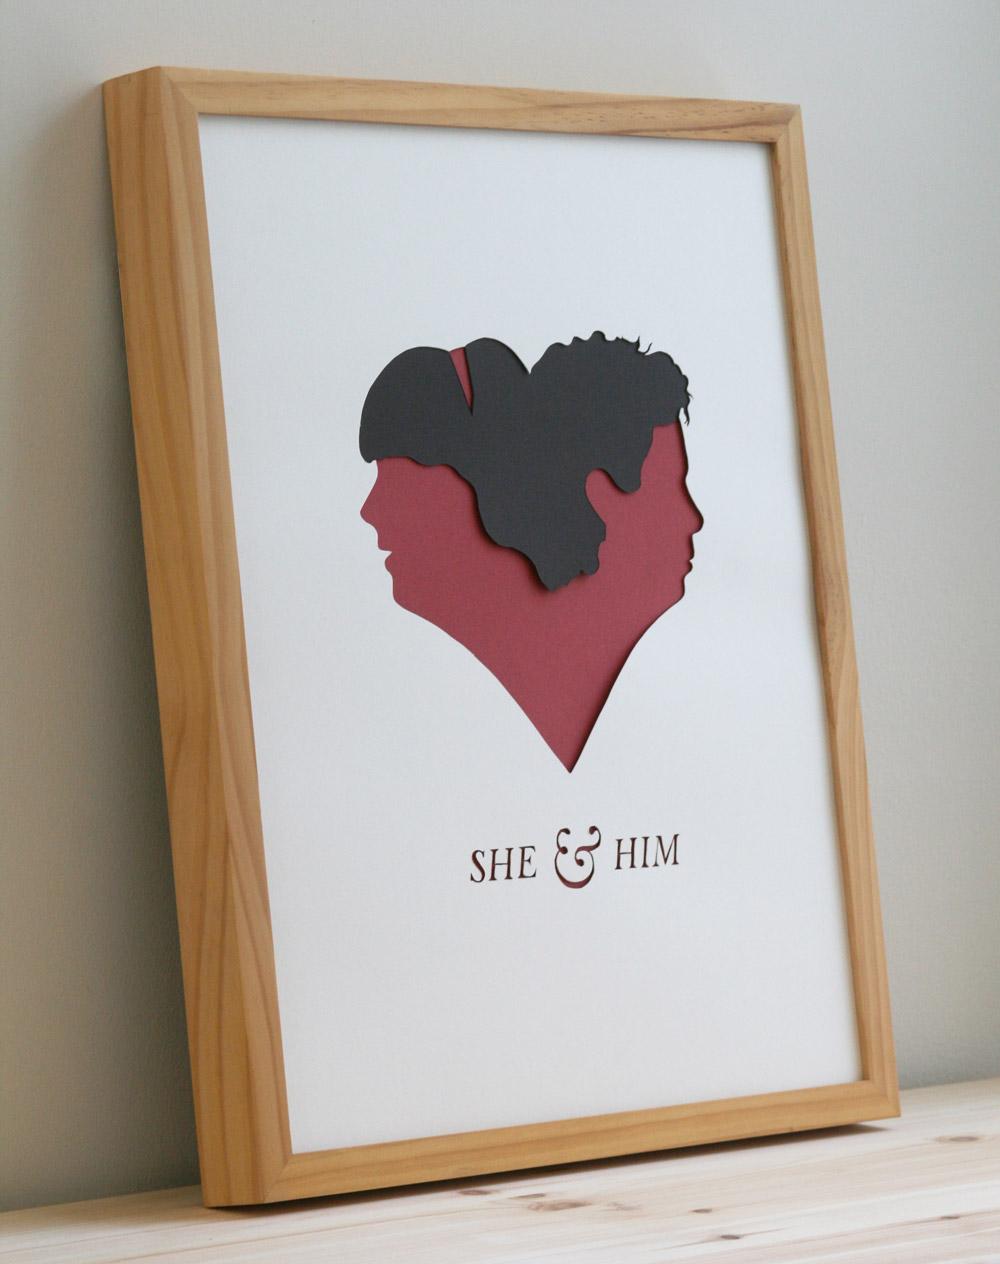 she&him_1.jpg